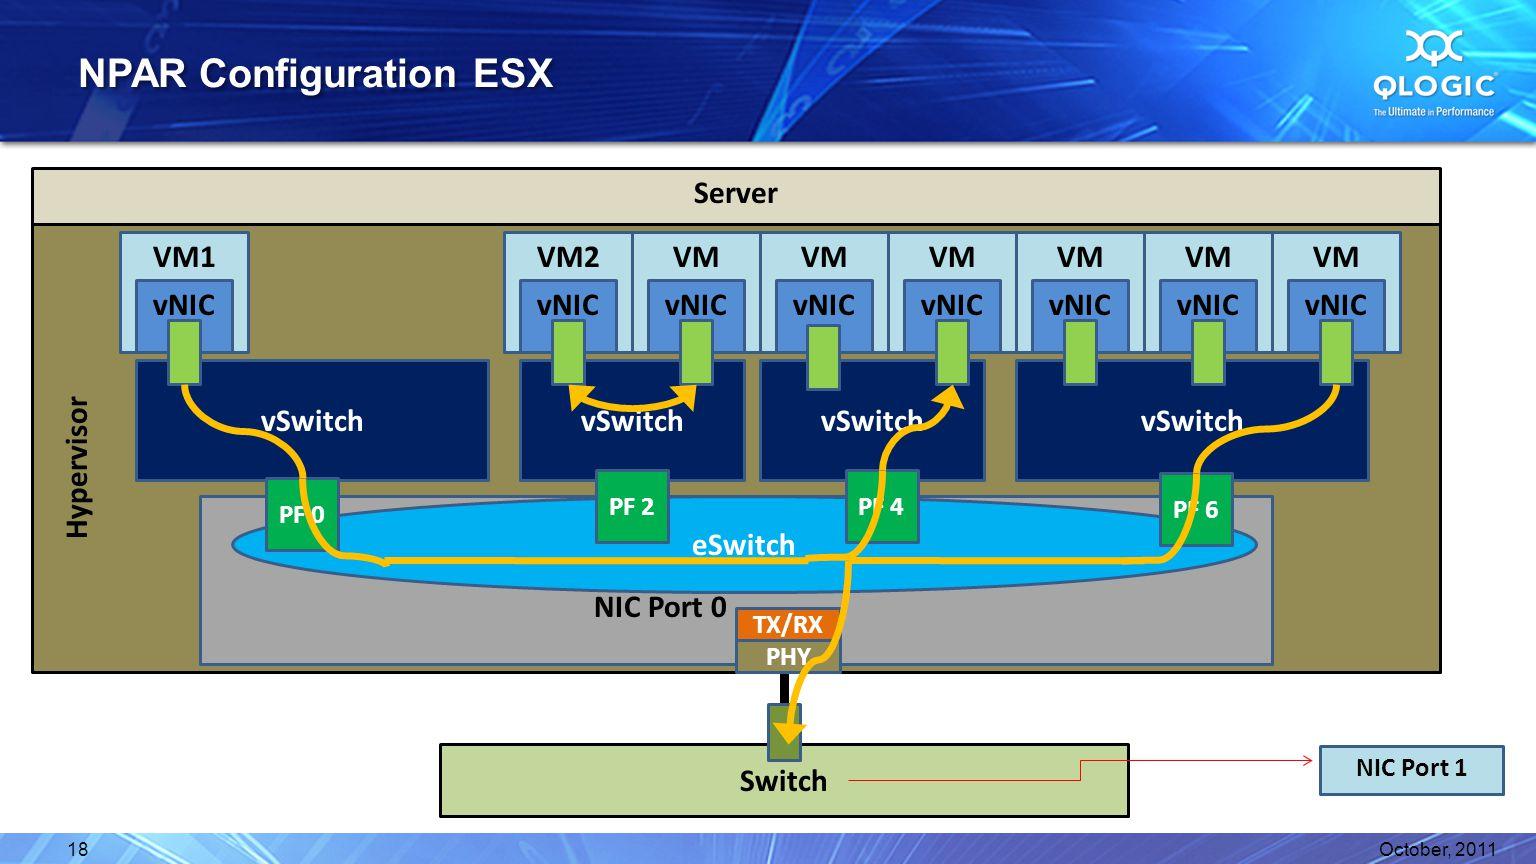 NPAR Configuration ESX